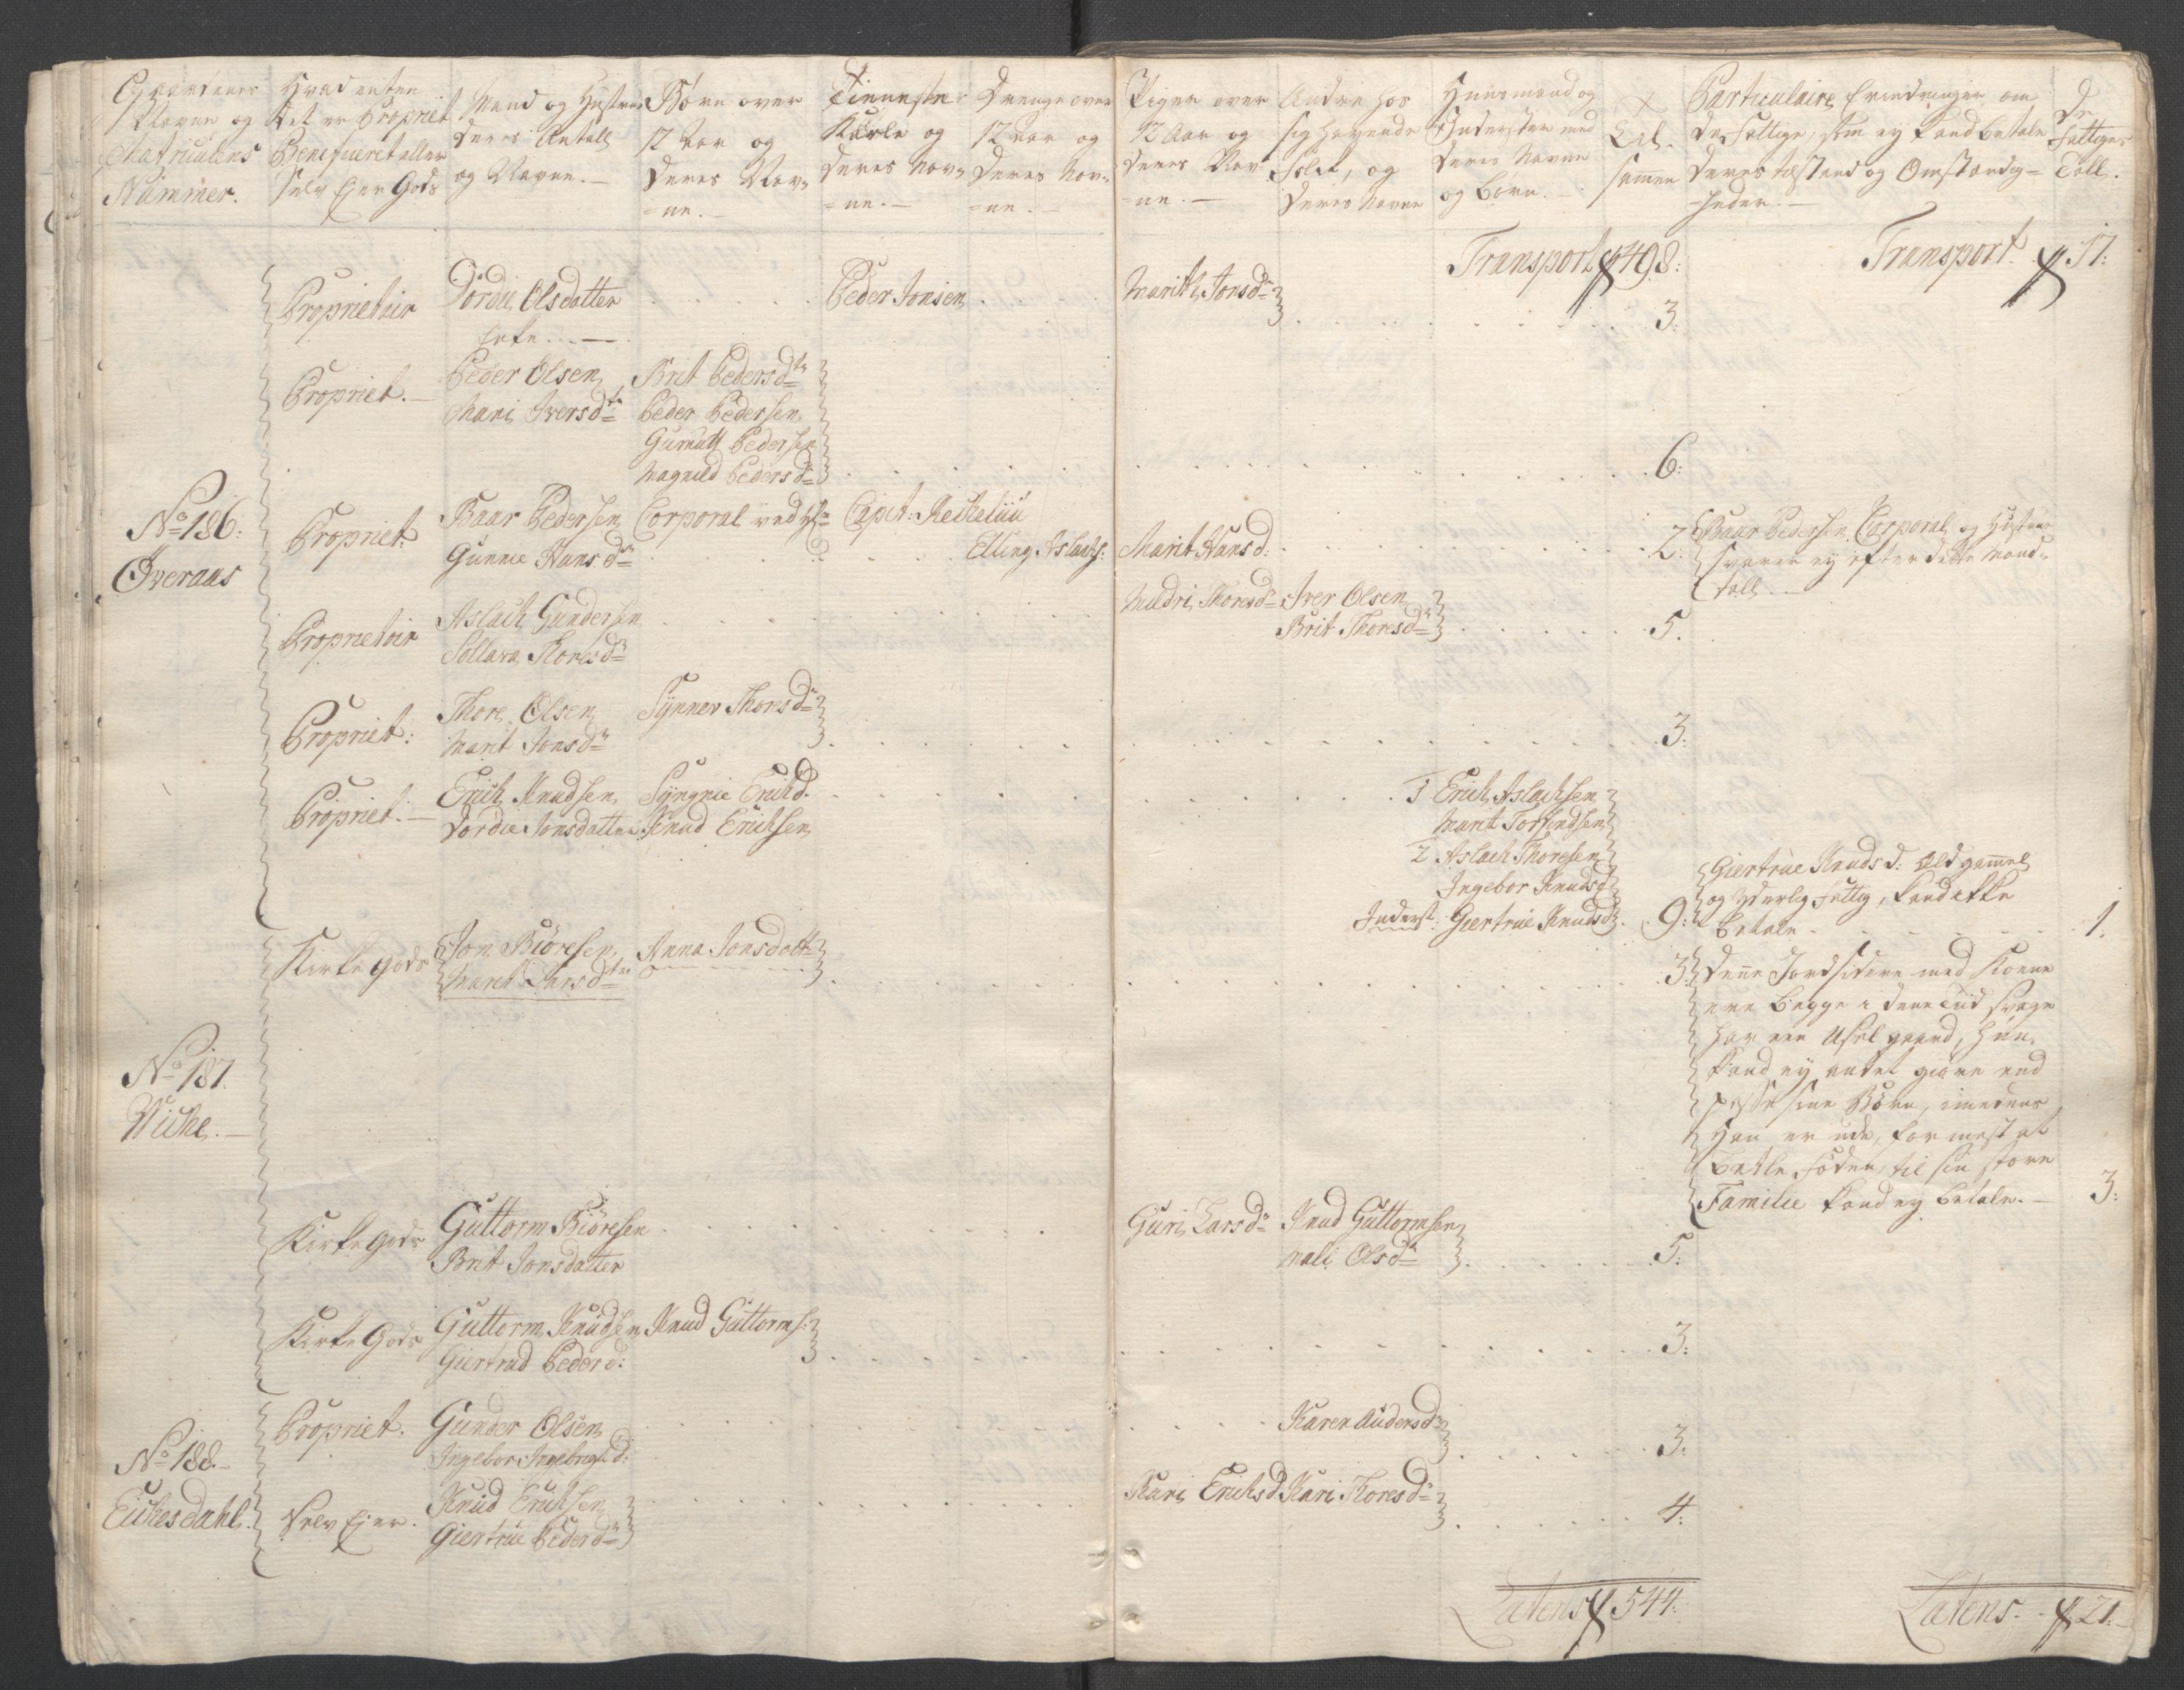 RA, Rentekammeret inntil 1814, Reviderte regnskaper, Fogderegnskap, R55/L3730: Ekstraskatten Romsdal, 1762-1763, p. 33